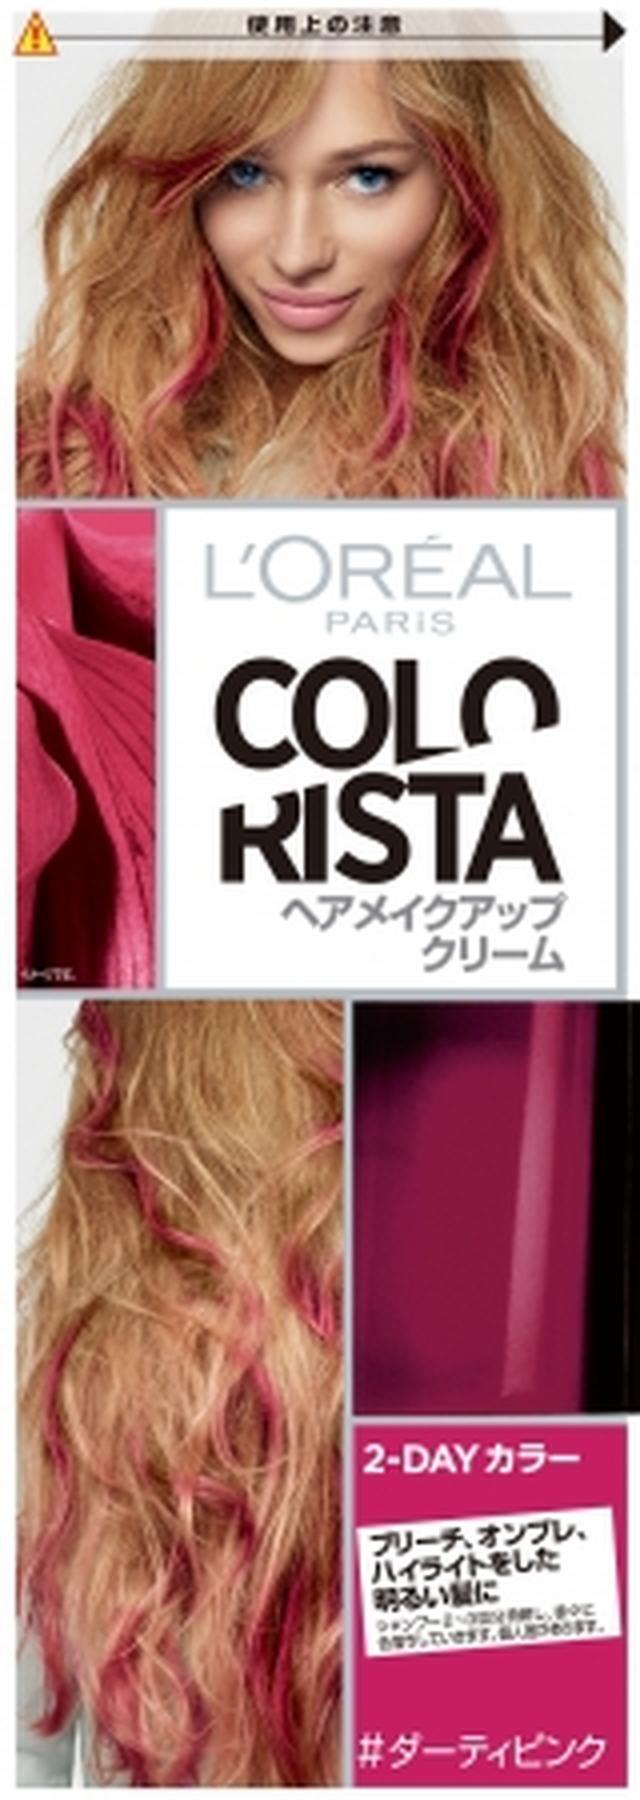 画像: ◆2日~1週間ほど持続する9色の「ロレアル パリ カラーリスタ ヘアメイクアップクリーム」